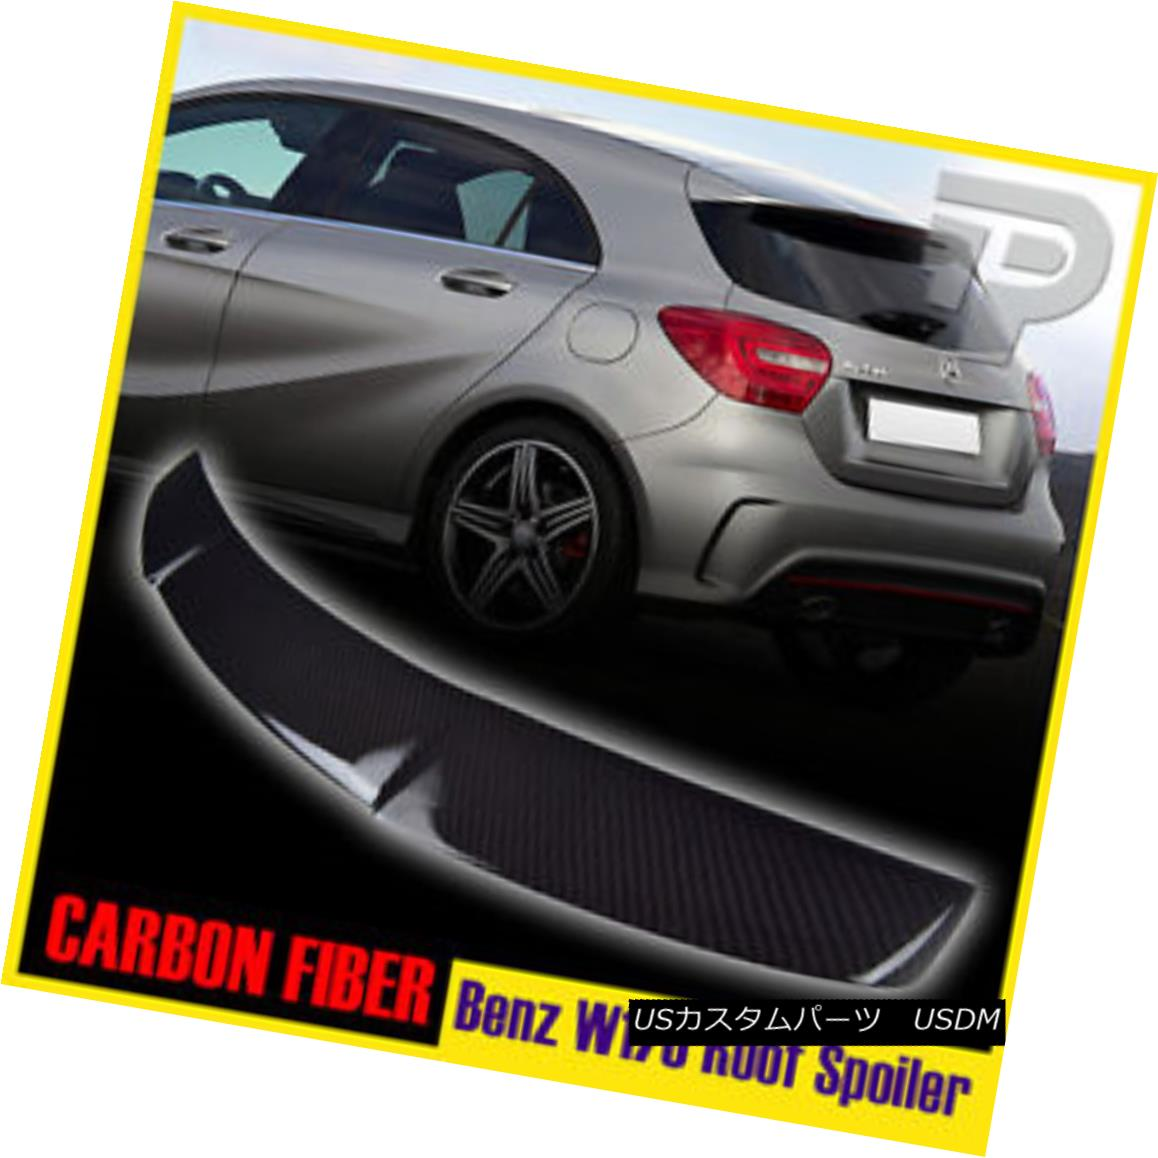 エアロパーツ Carbon Fiber Mercedes Benz W176 A-Class DTO Roof Spoiler Wing 13-15 A250 ▼ 炭素繊維メルセデスベンツW176 AクラスDTOルーフスポイラーウィング13-15 A250?